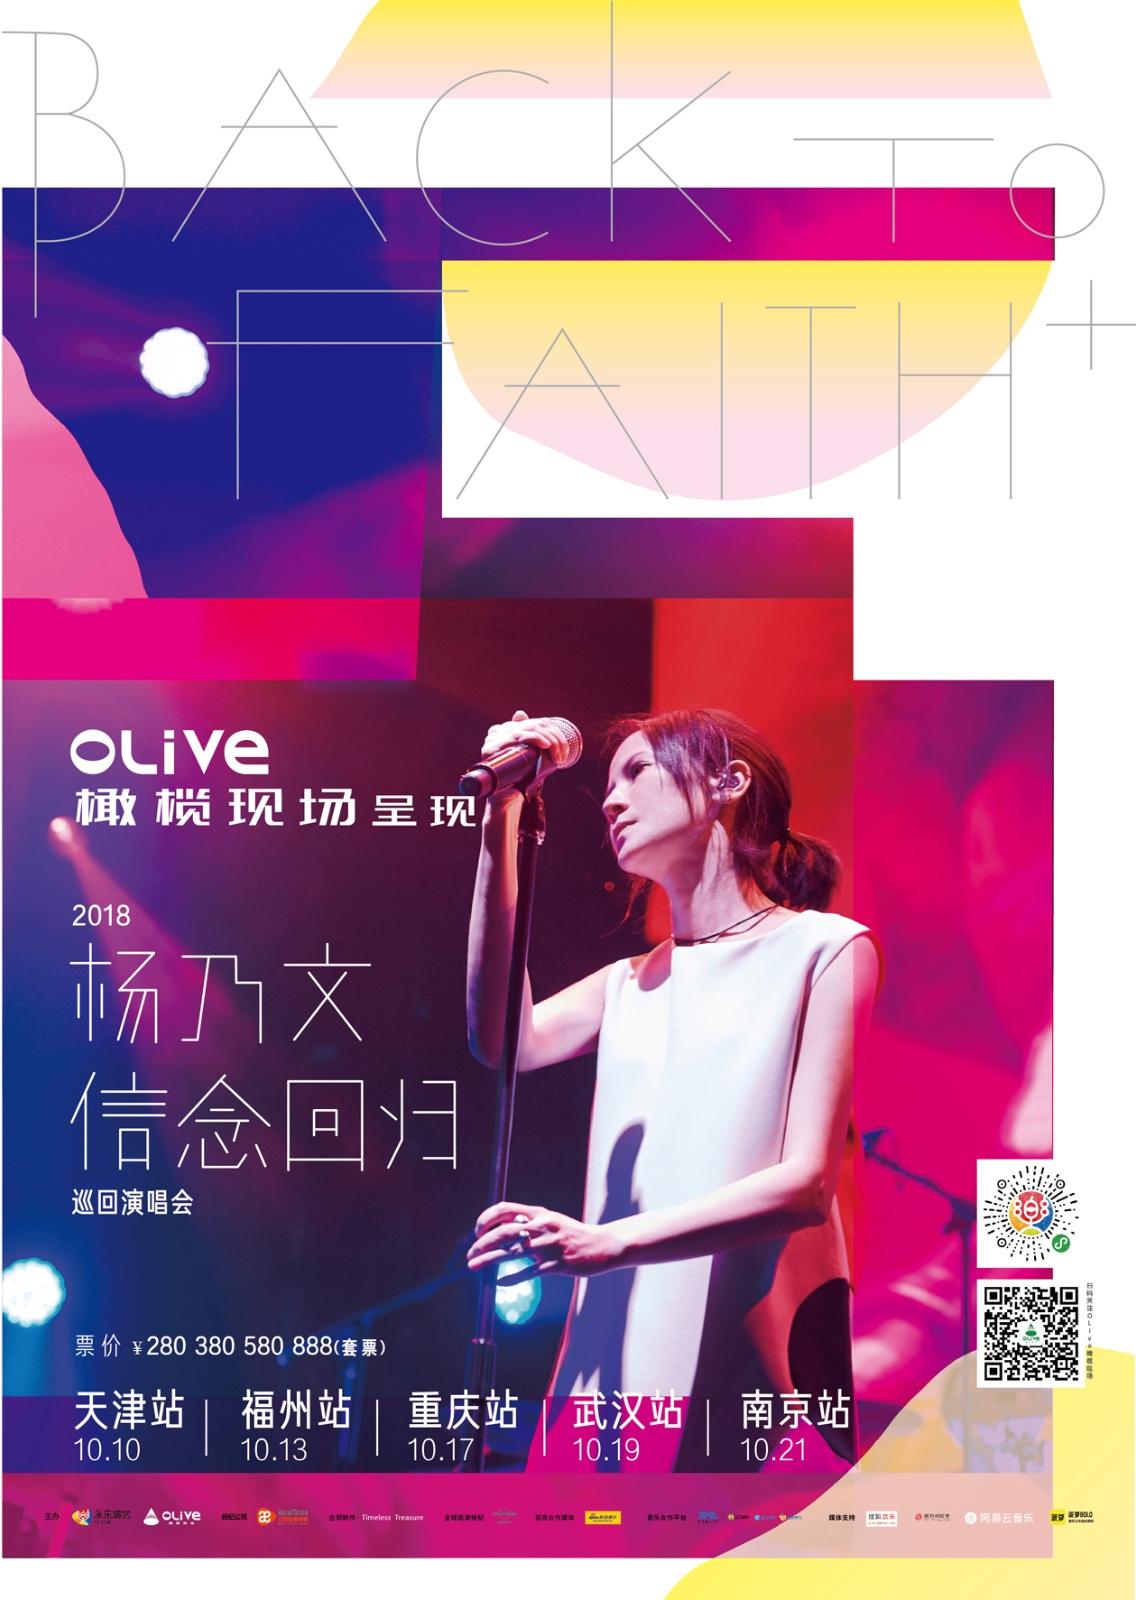 杨乃文全新个人巡演开唱倒计时   金秋十月摇滚不停